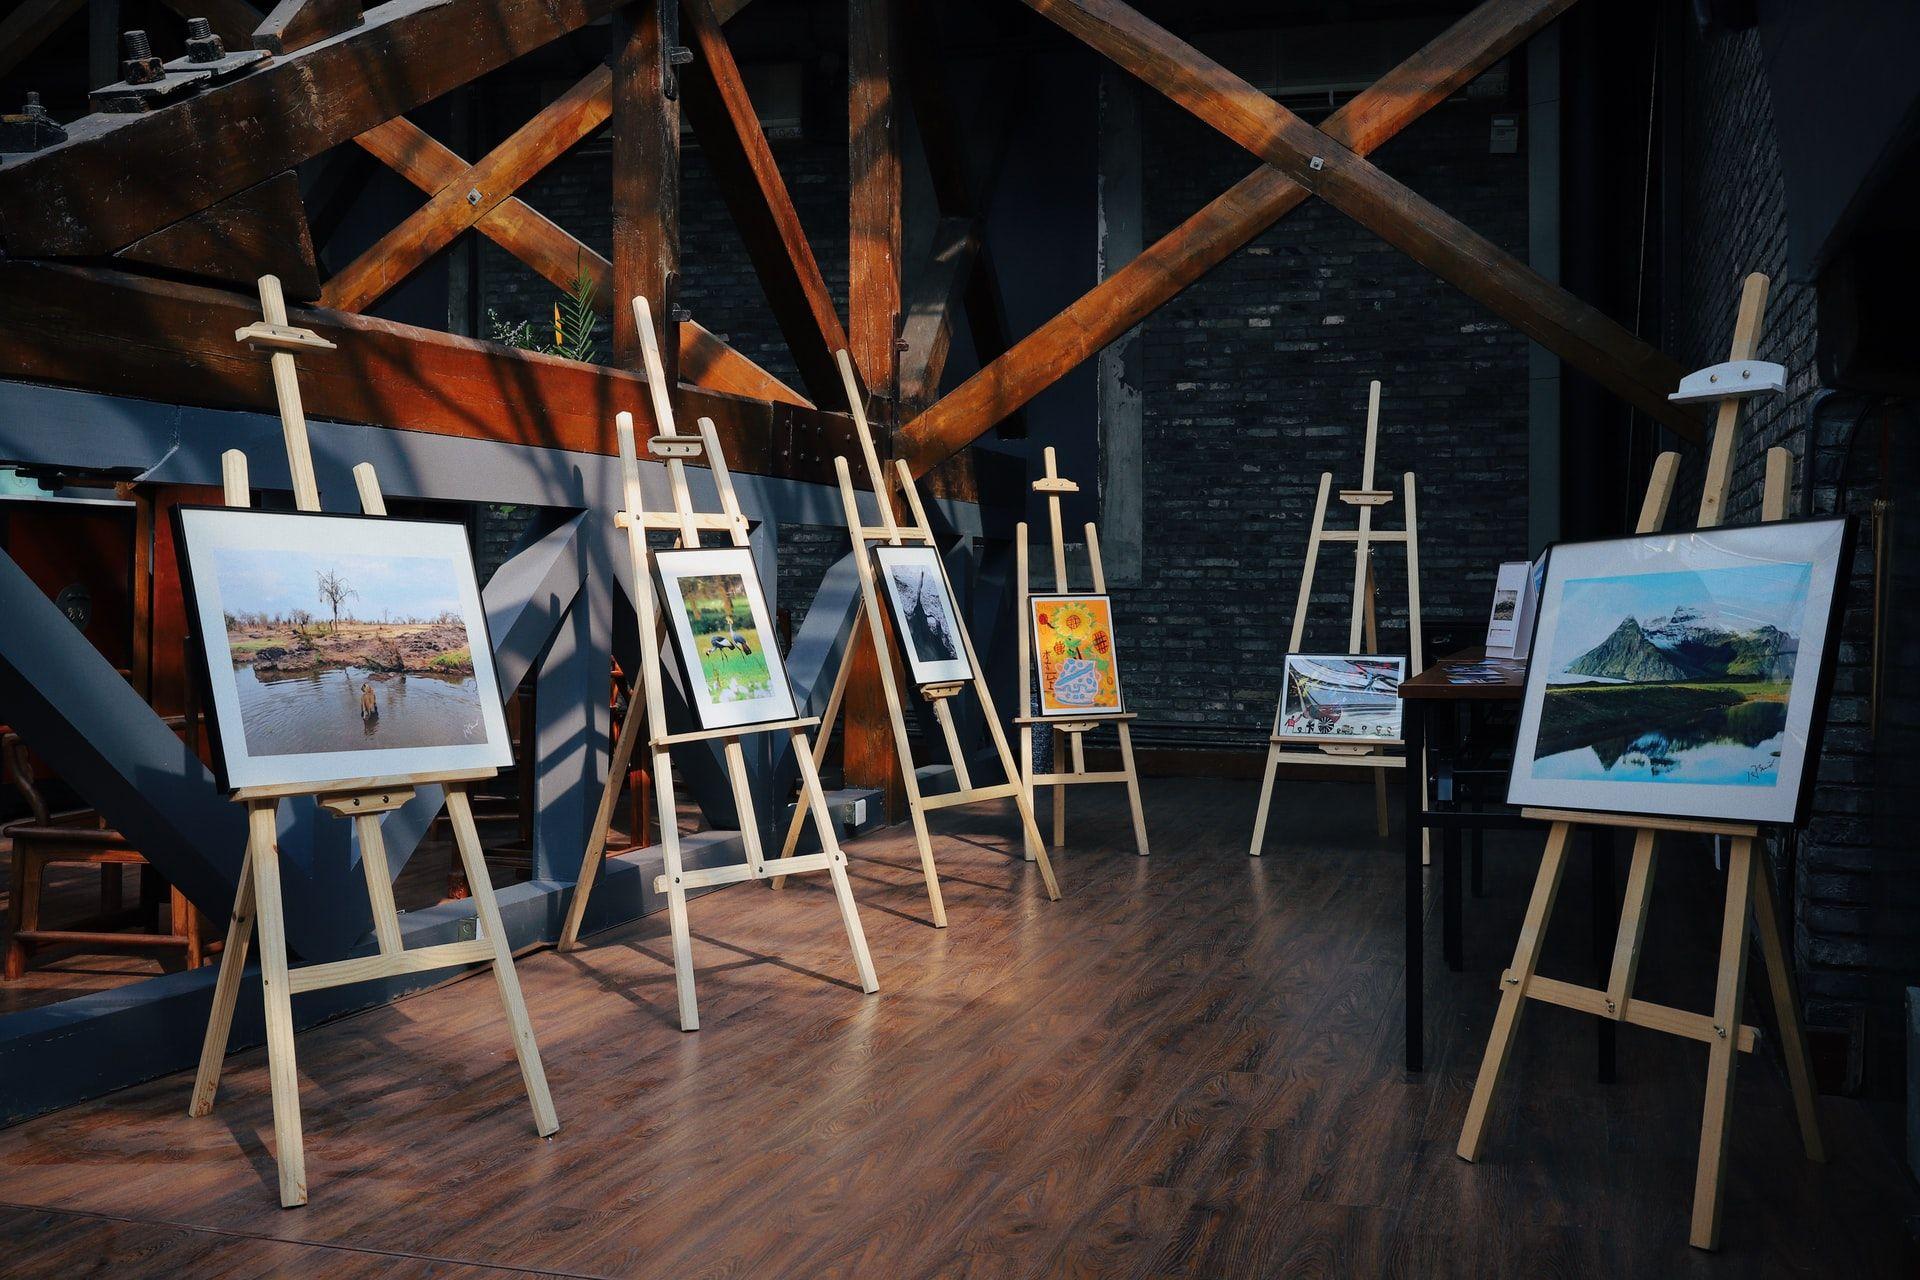 Артпобачення онлайн. Десять українських інстаблогів про мистецтво, урбаністику та архітектуру